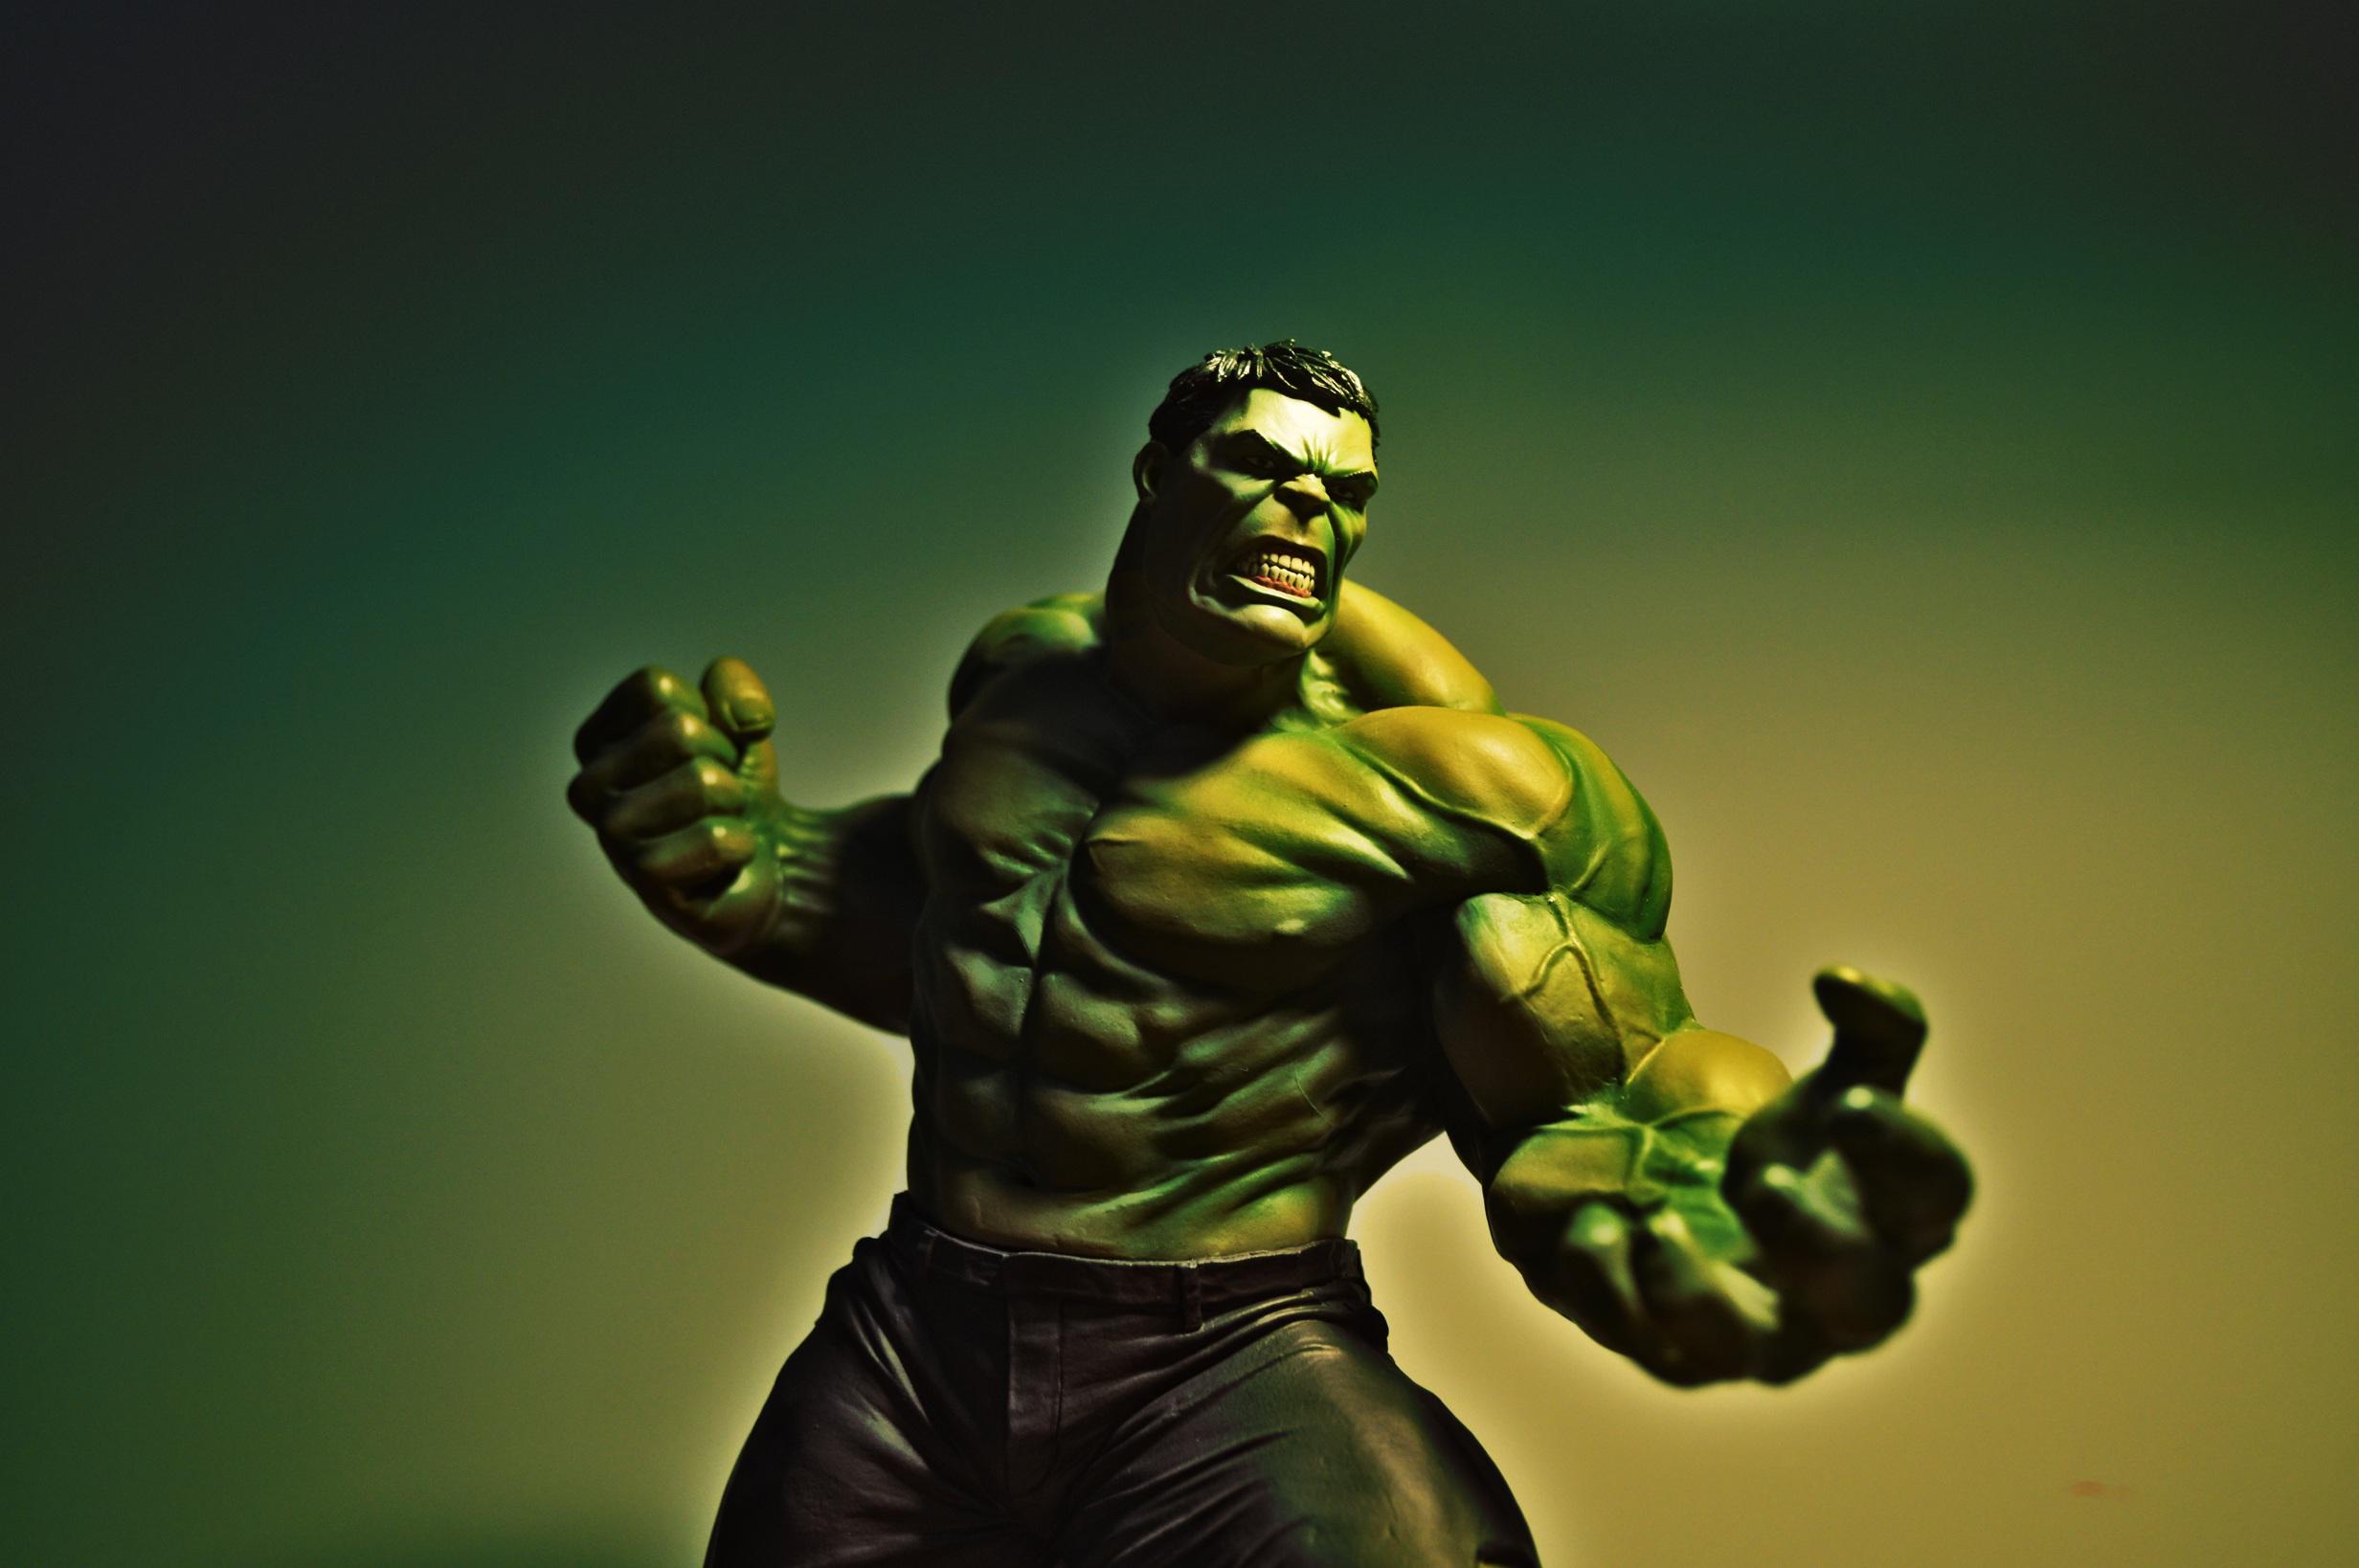 Hulk, Marvel, Superheld, Kraft, Muskeln - Wallpaper HD - Prof.-falken.com